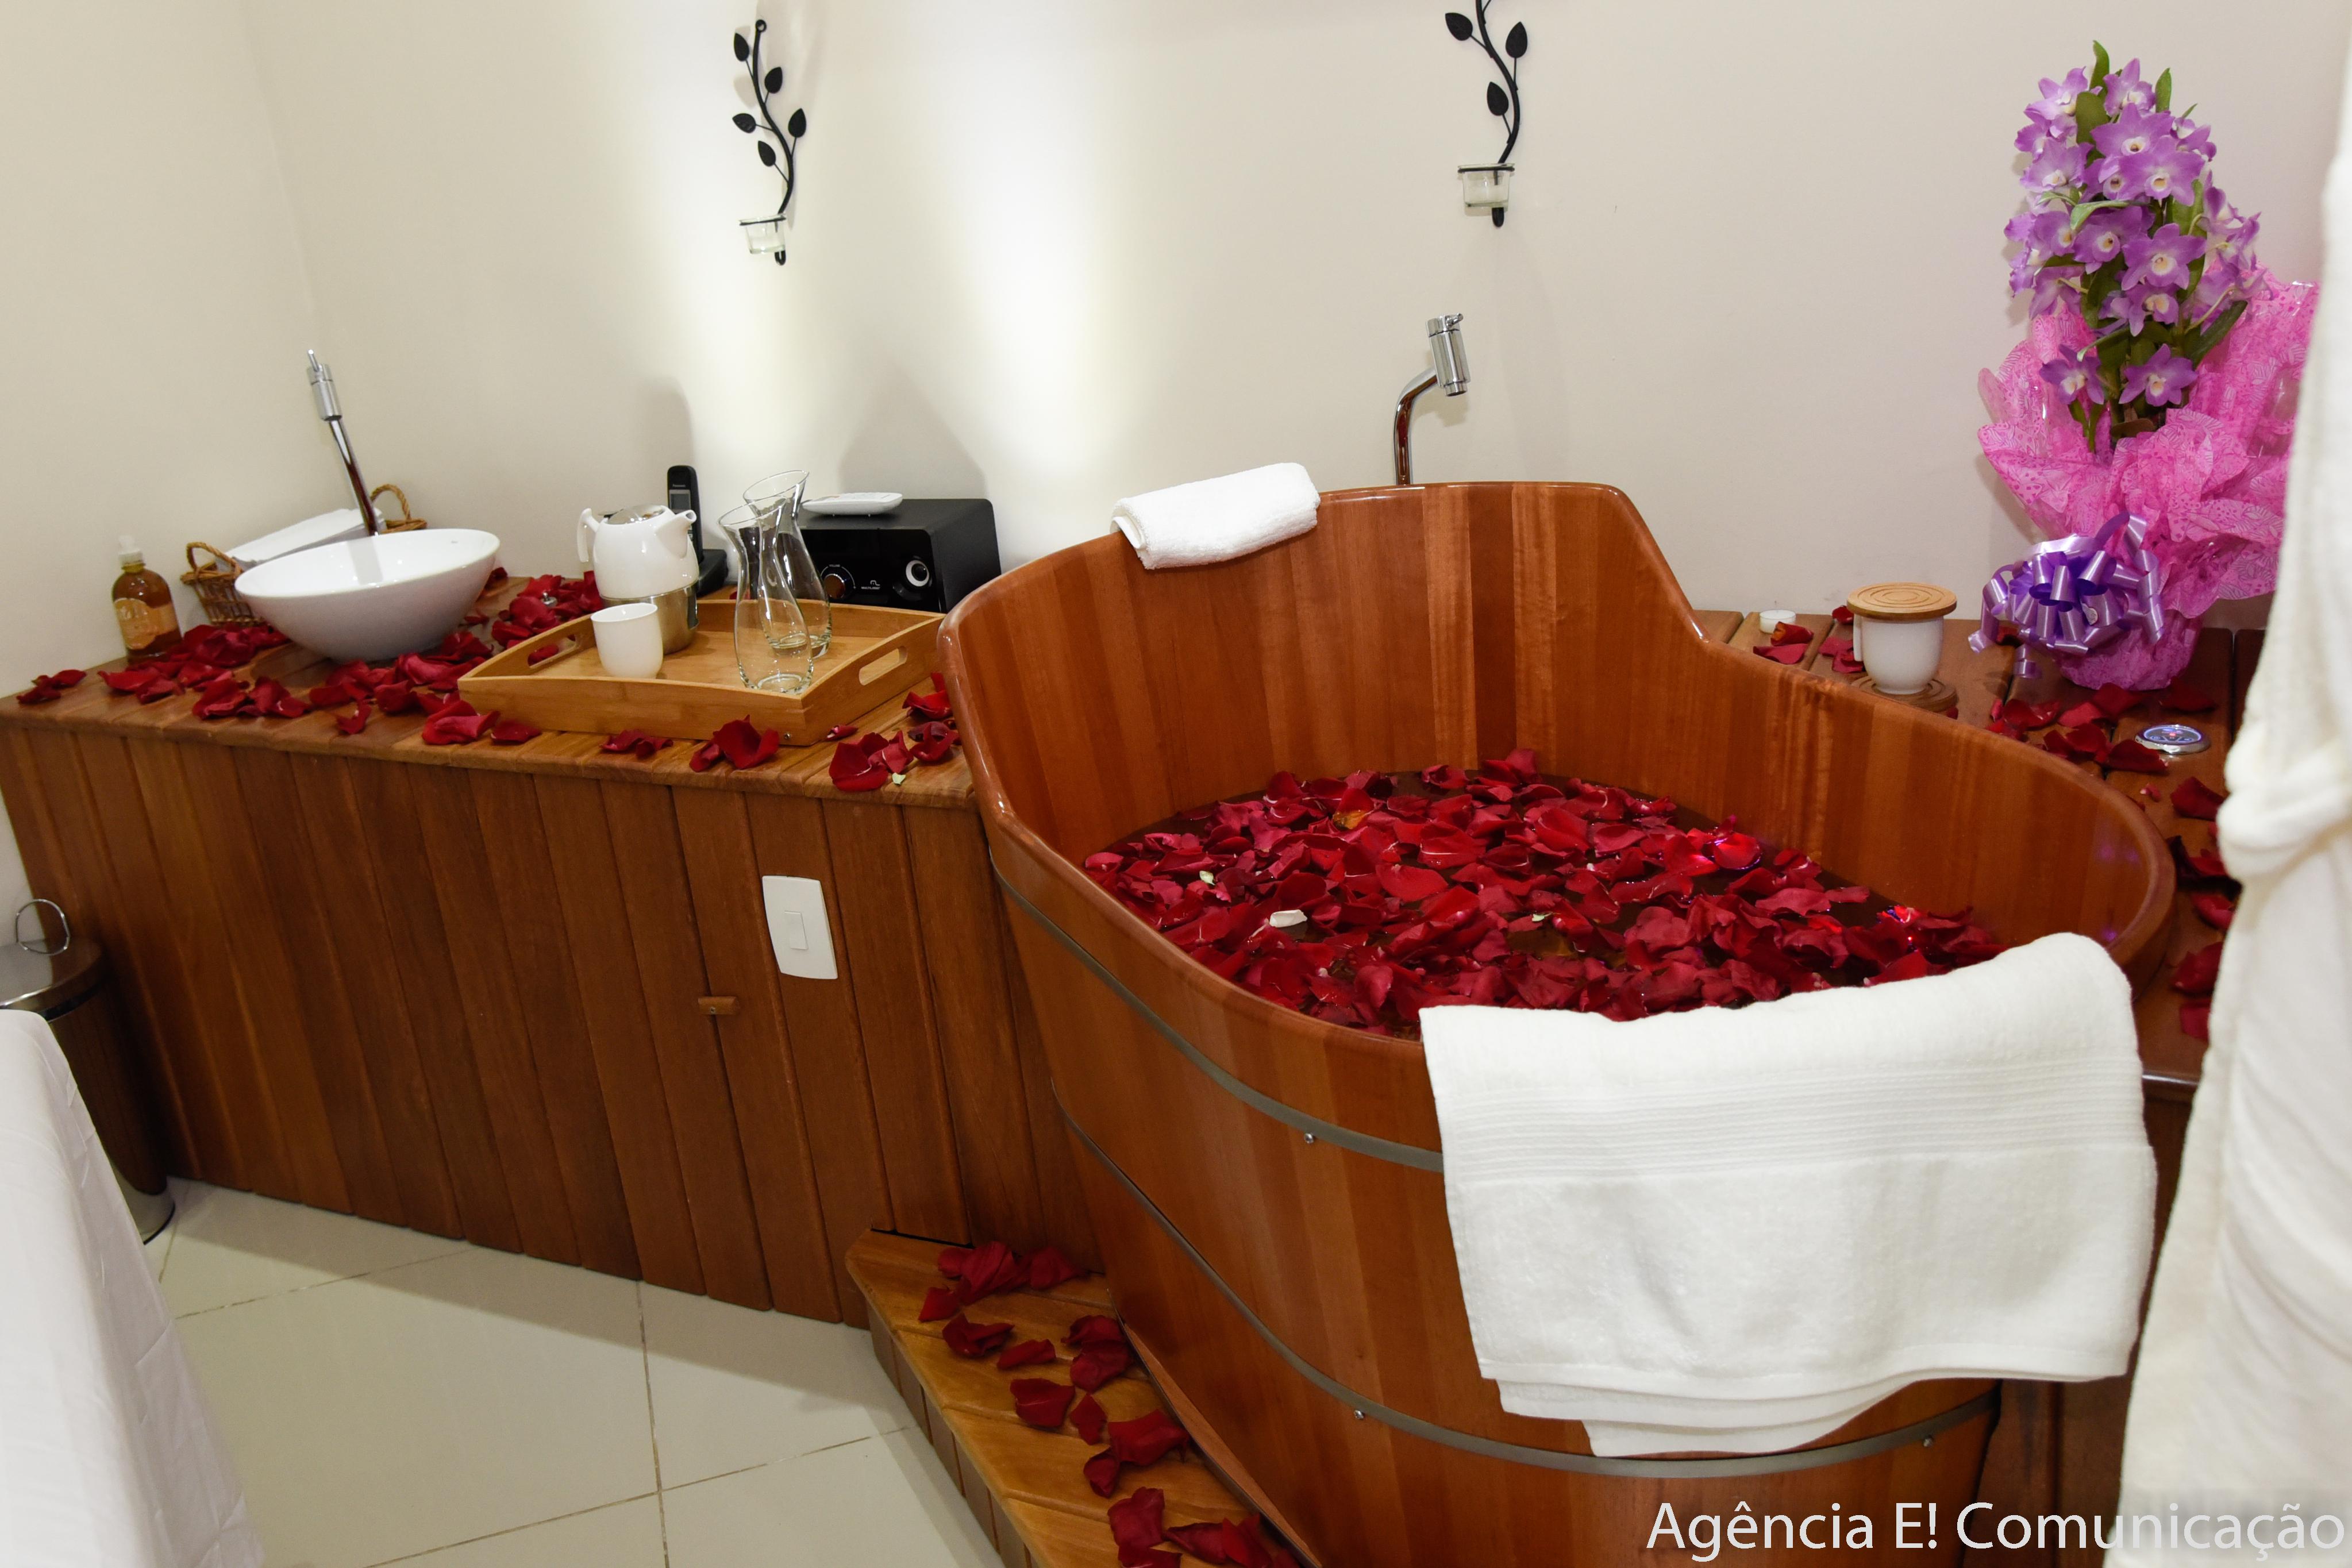 Banhos de Ofurô